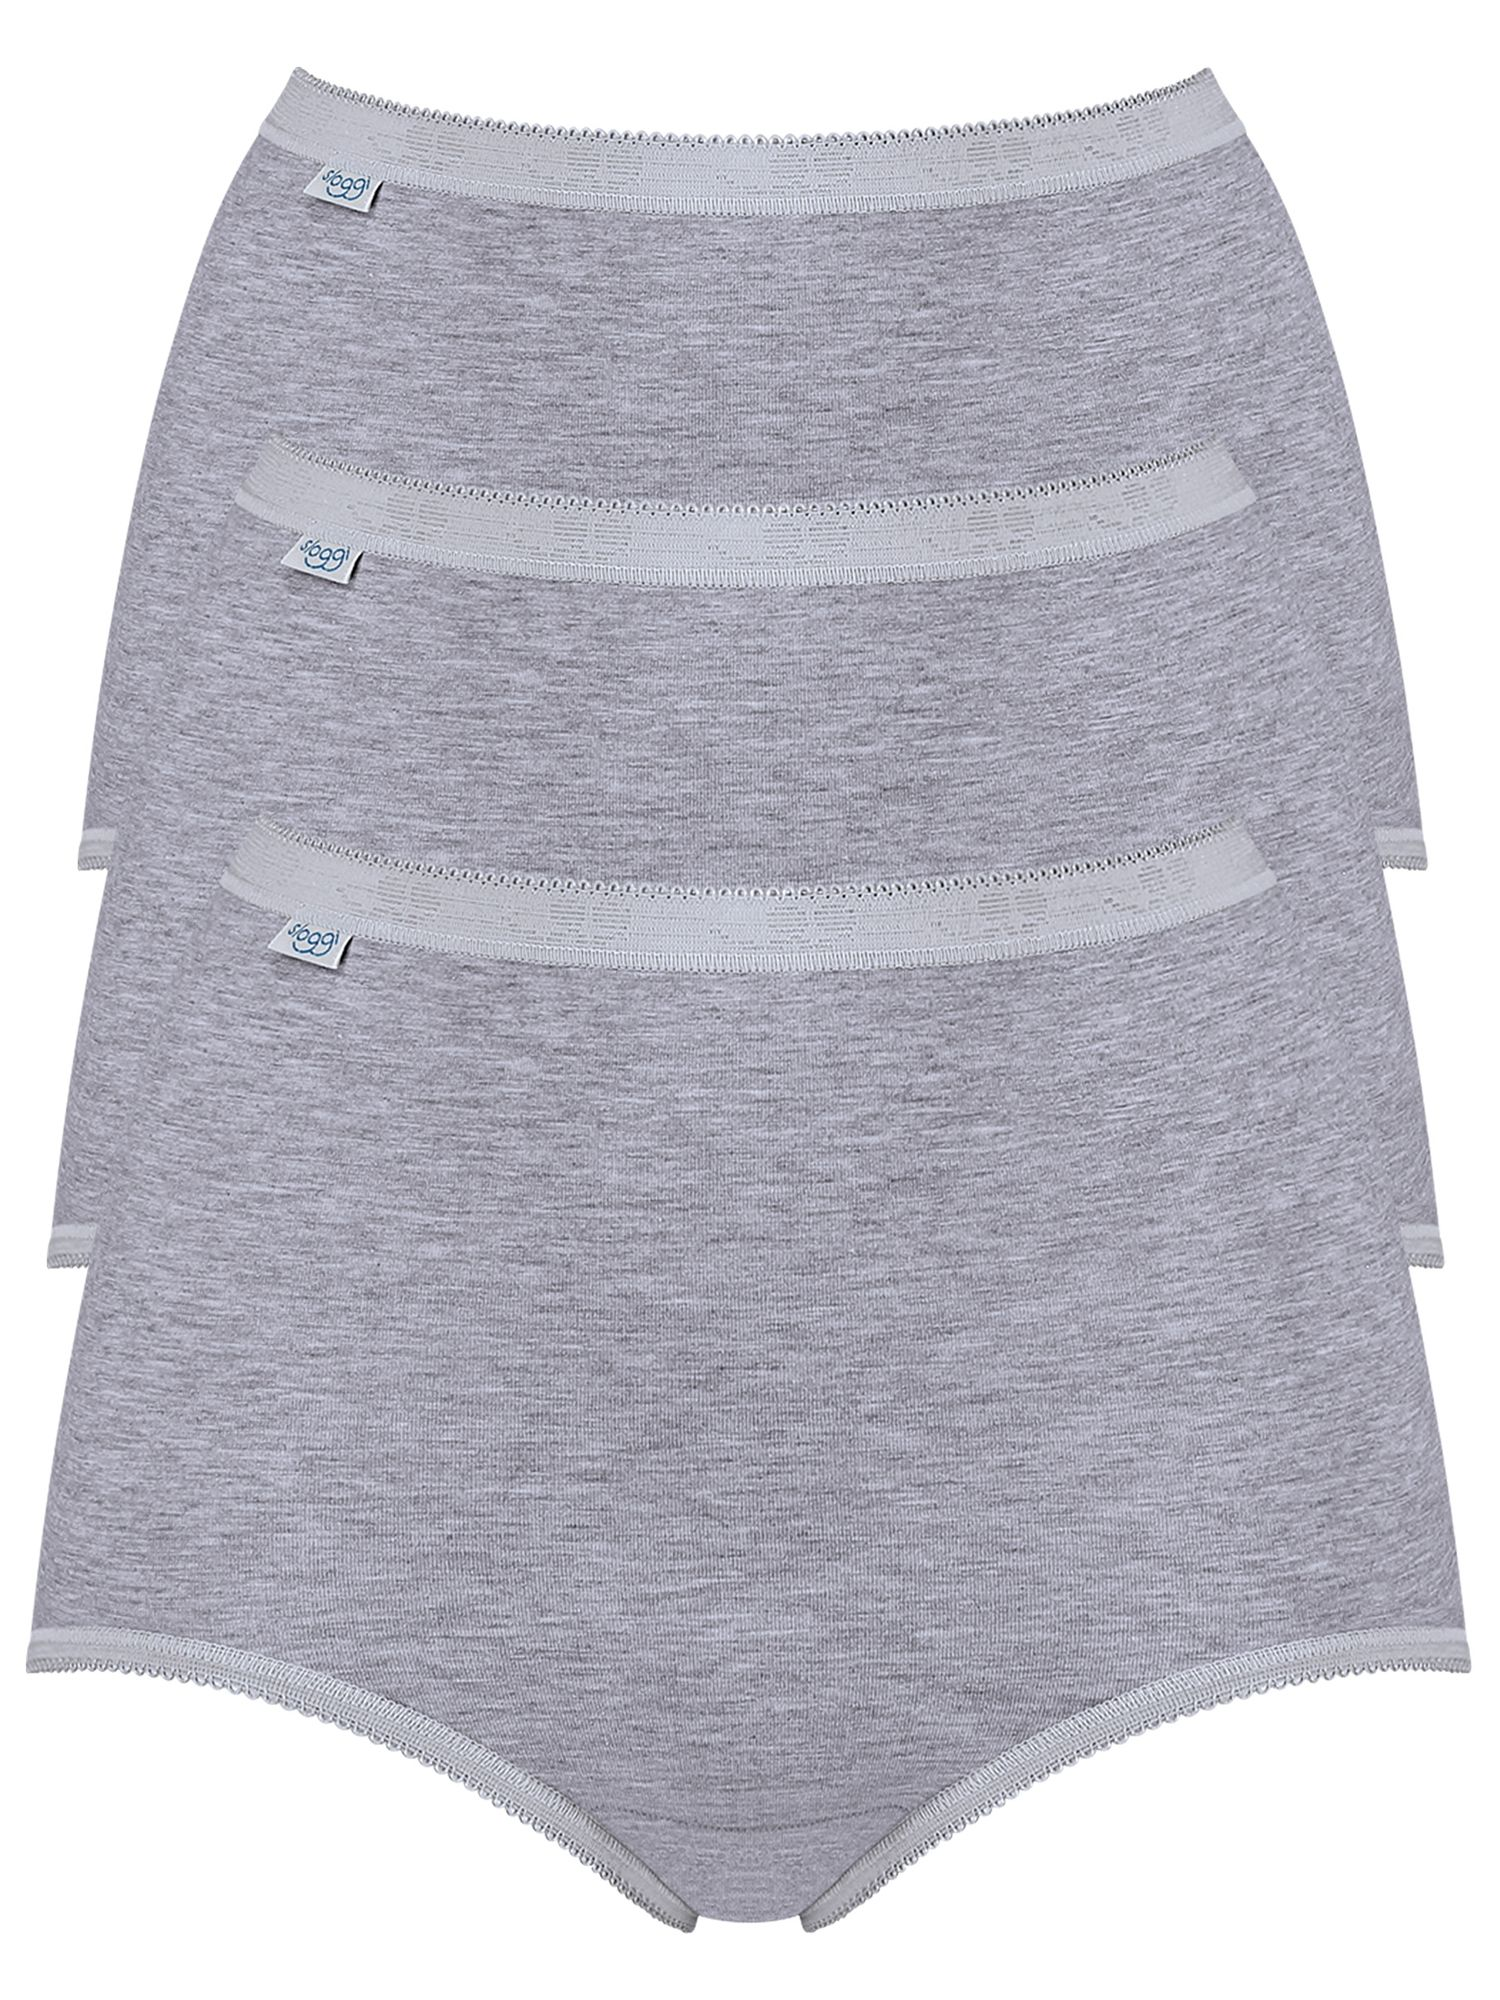 Sloggi sloggi 3 Pack Maxi Pants, Grey Melange